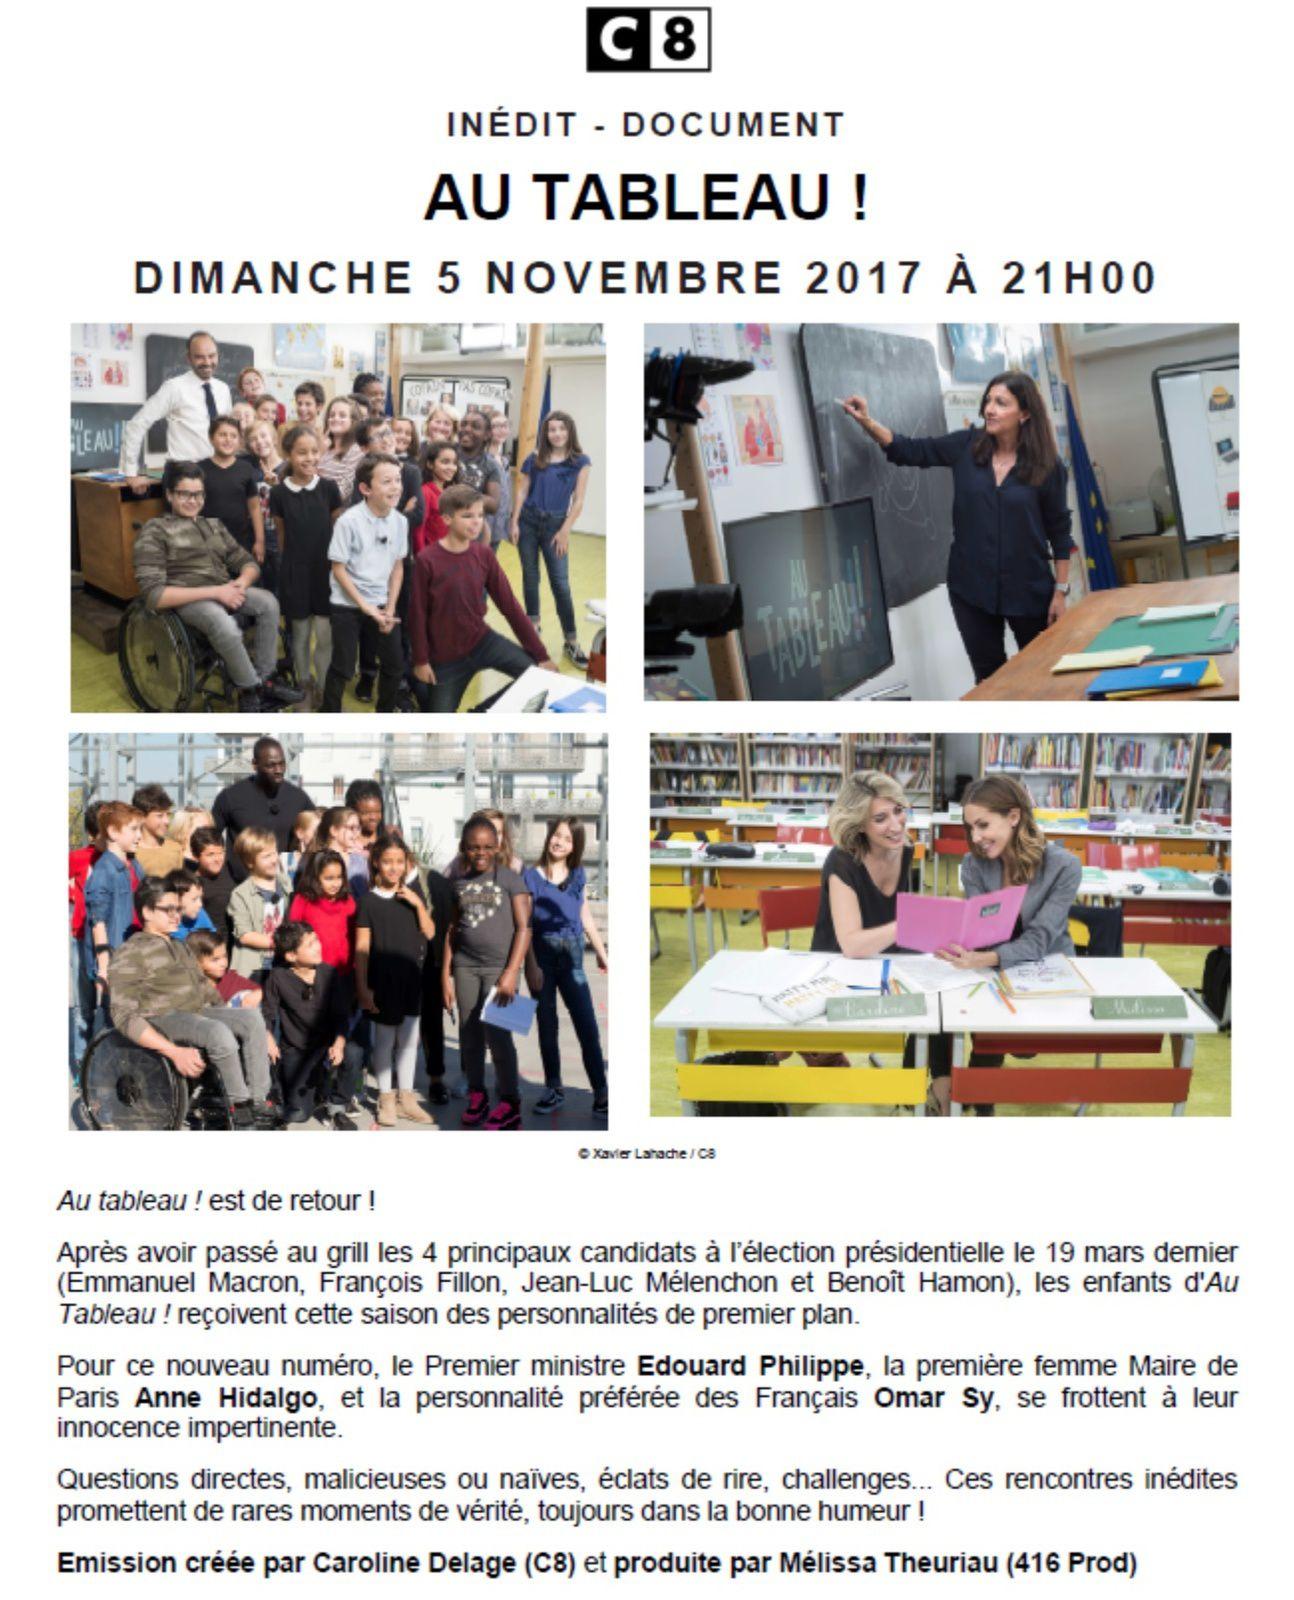 Au tableau le 5 novembre sur C8, avec Edouard Philippe, Anne Hidalgo et Omar Sy.